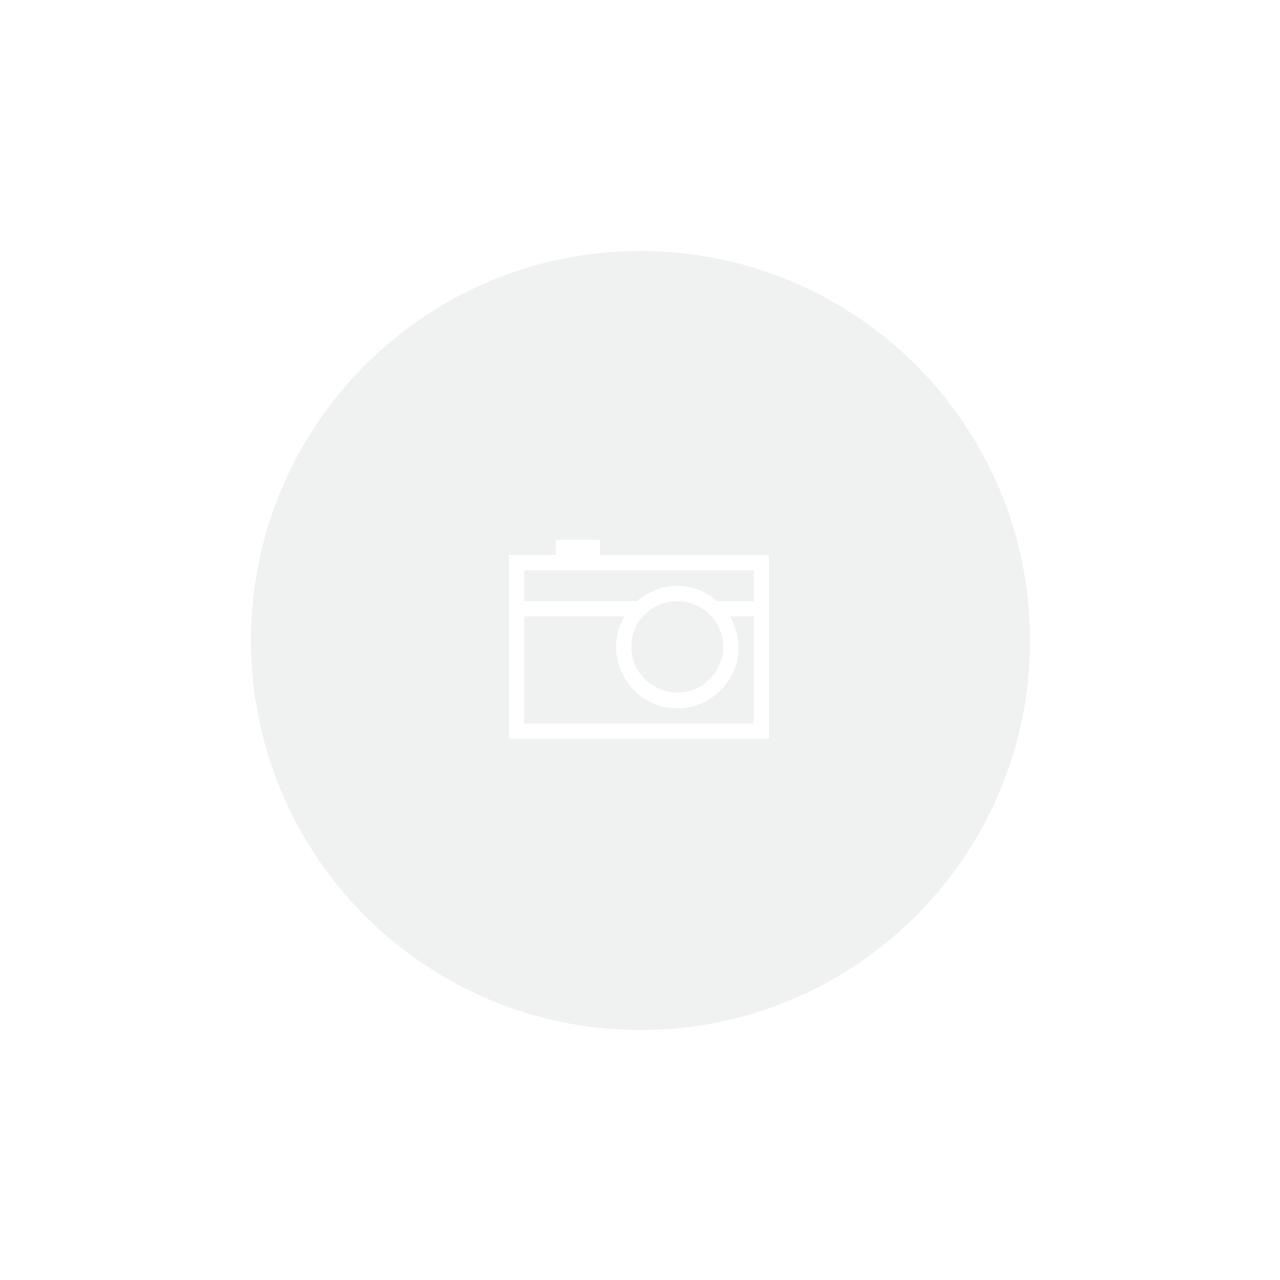 Escape Remus A3 Sportback 8V 1.4 (c/ surdina central) - Cromadas